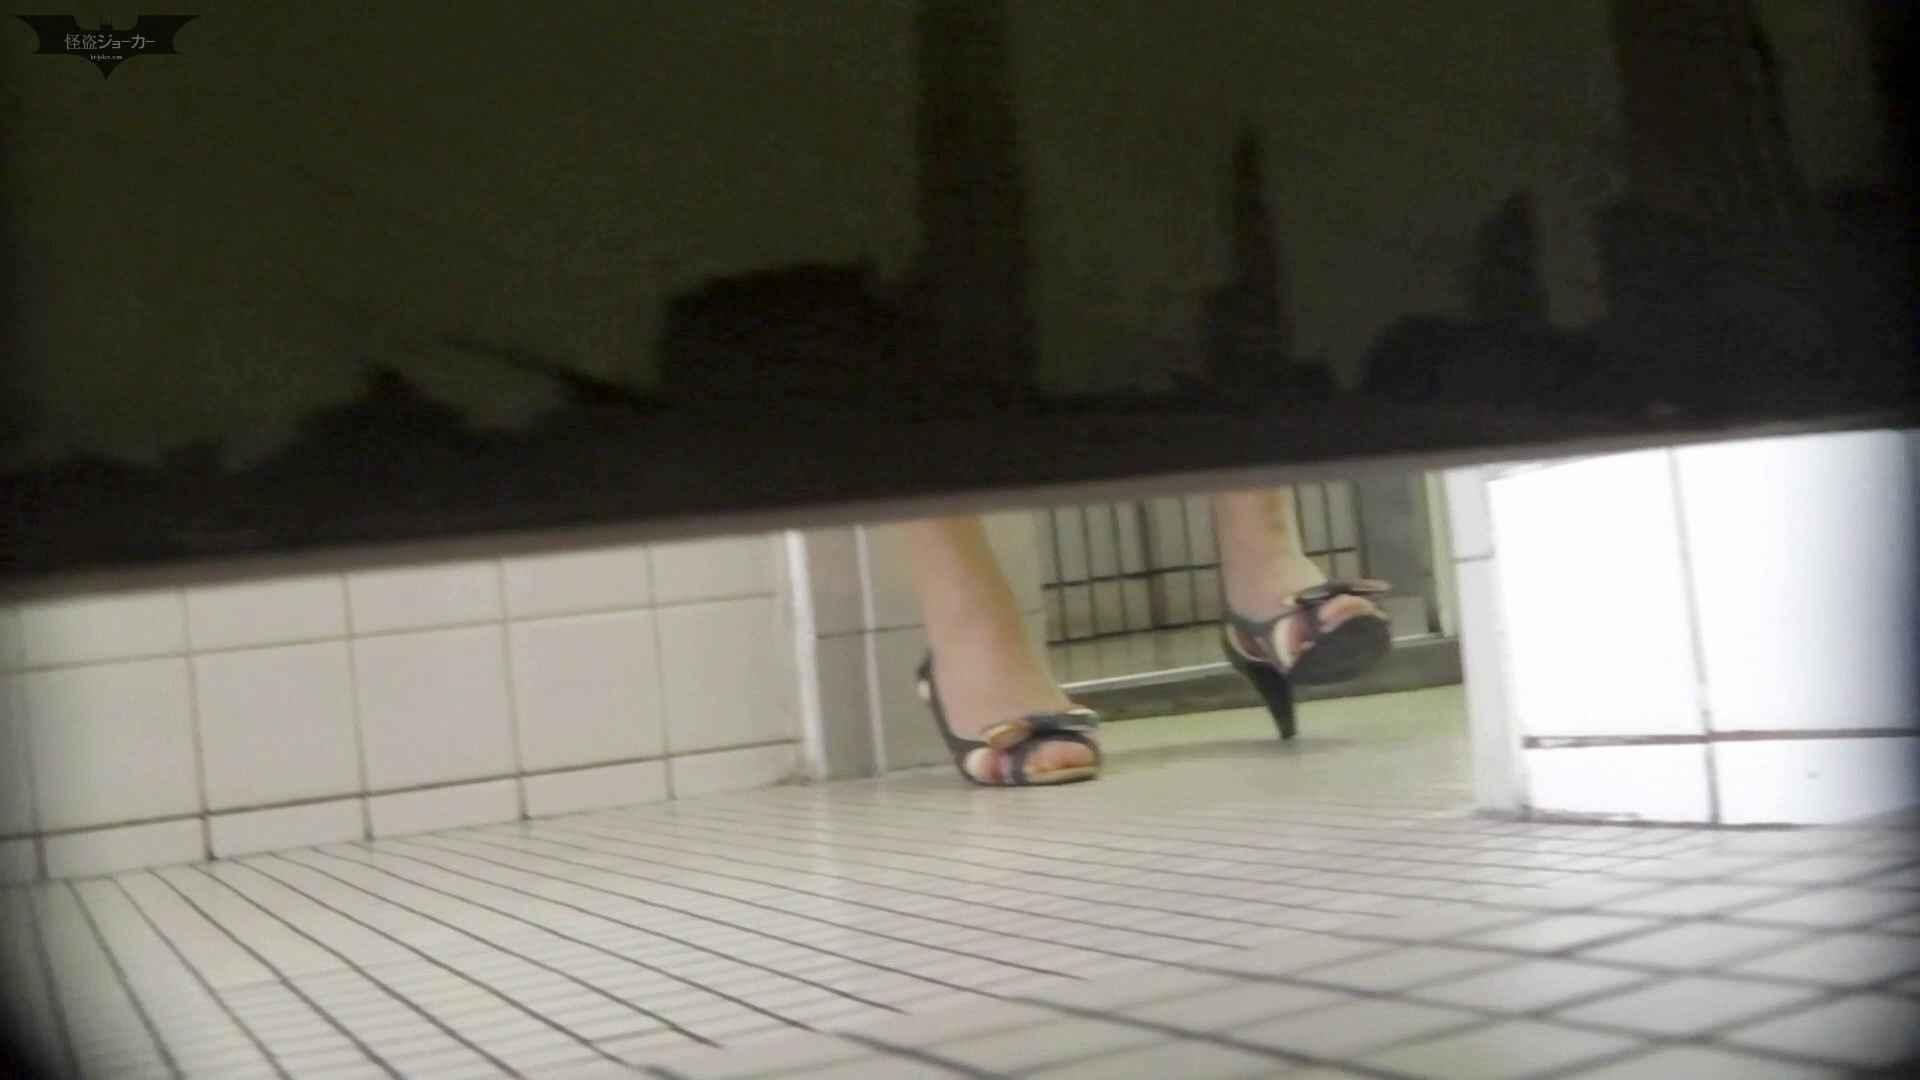 洗面所特攻隊 vol.66 珍事件発生!! 「指」で出【2015・05位】 洗面所着替え | OL  30連発 12